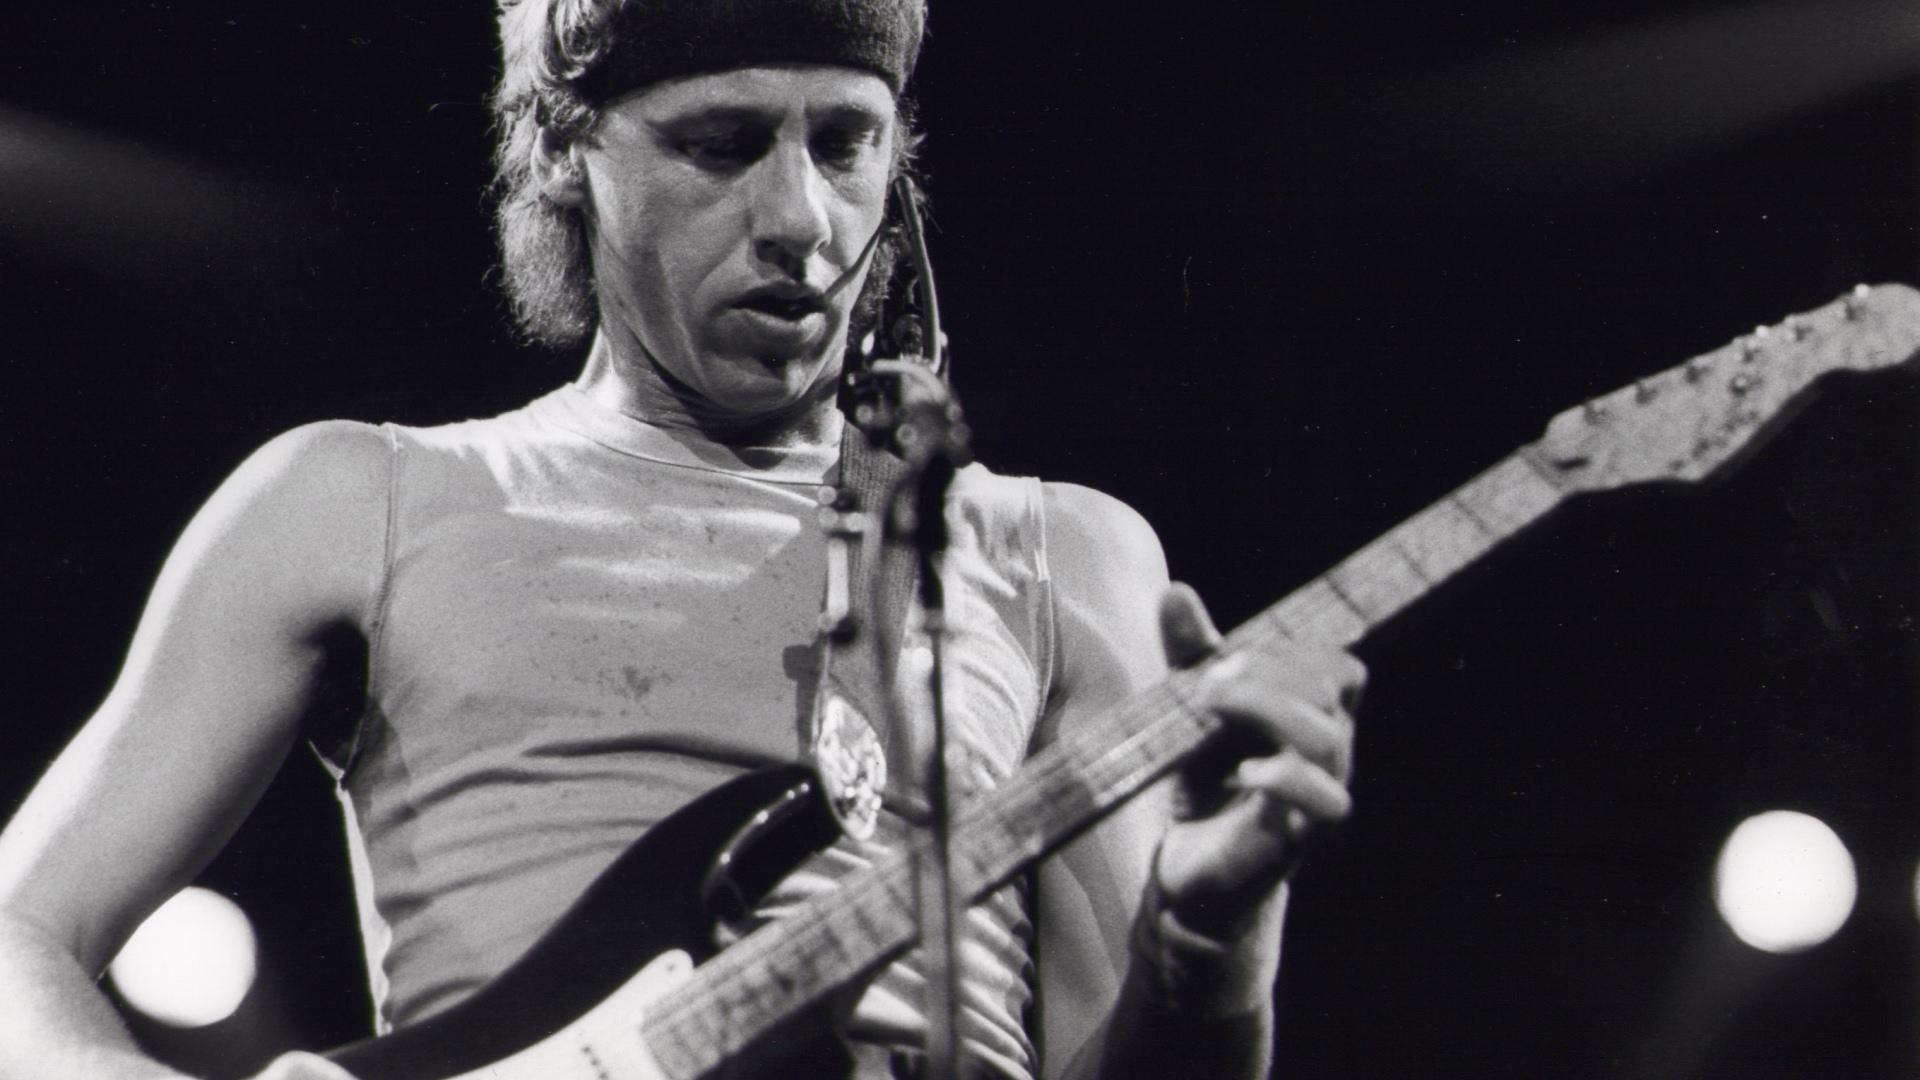 El acierto de Dire Straits - Radio Cantilo